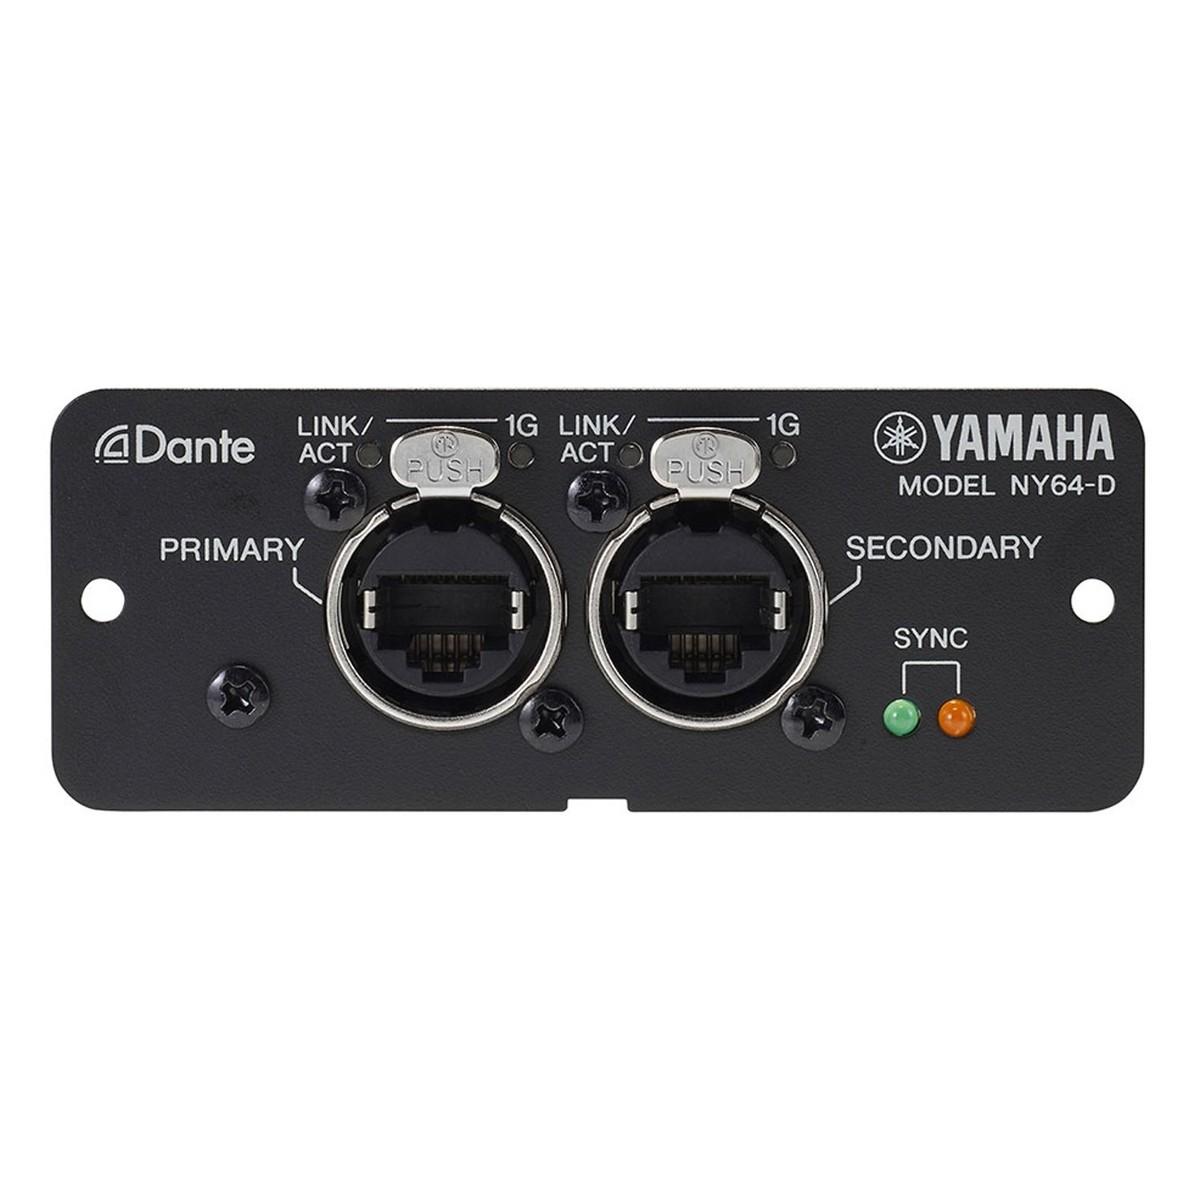 yamaha ny64 dante expansion card for tf series mixers at